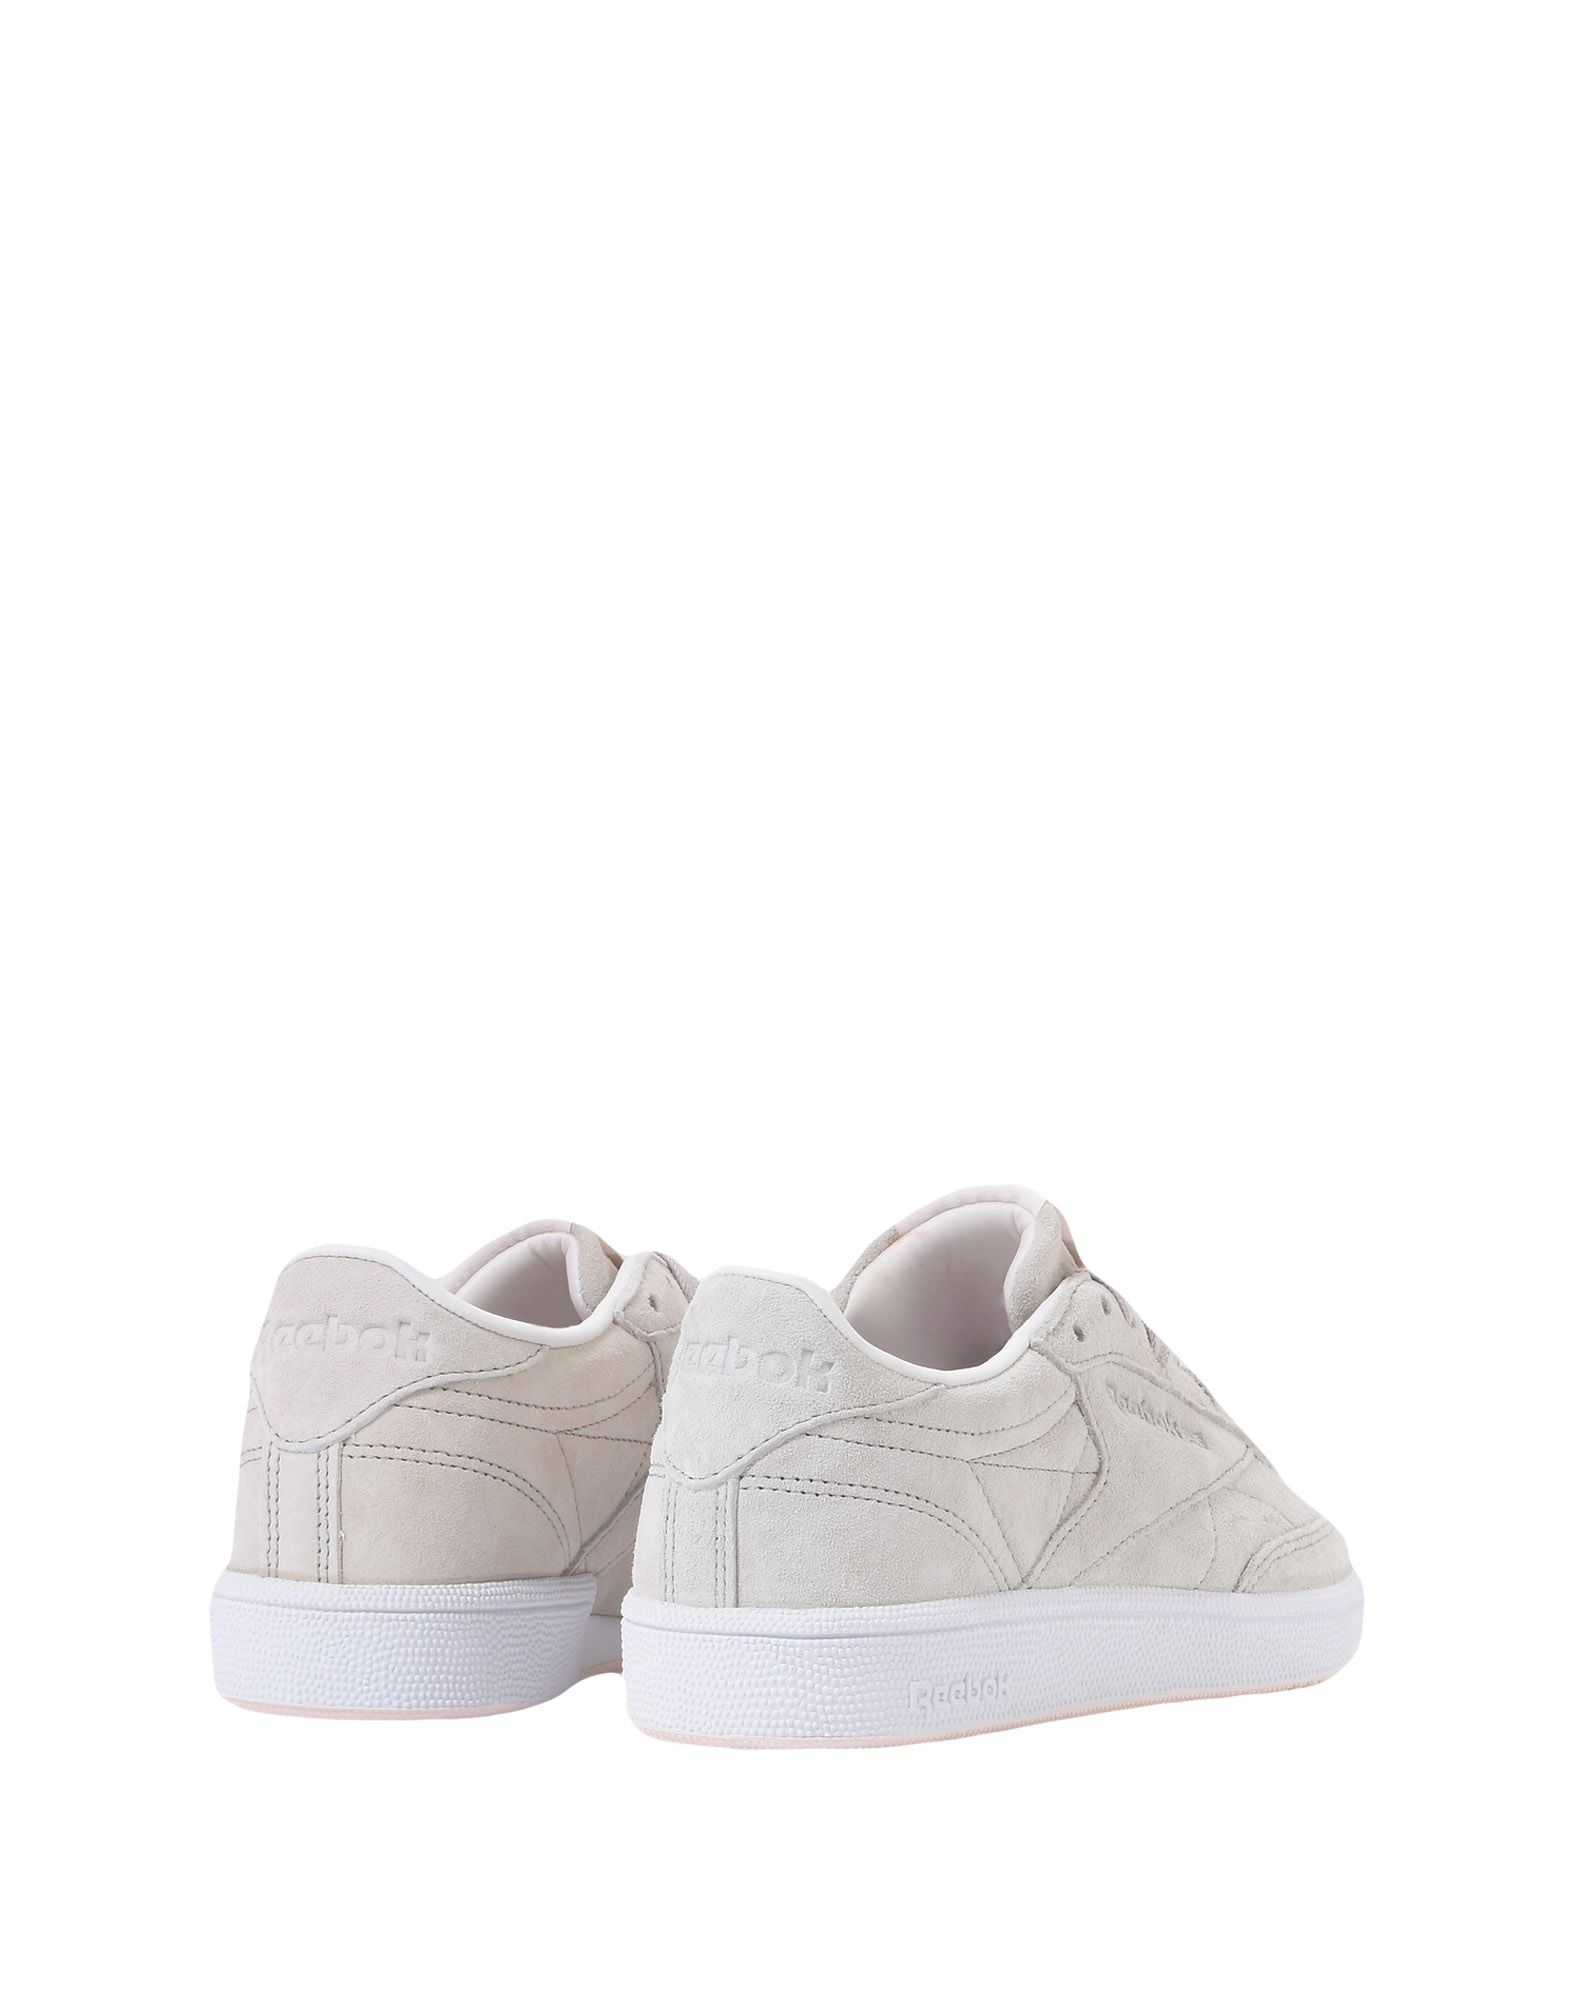 Reebok 11443391IQ Club C 85 Tonal Nbk  11443391IQ Reebok Gute Qualität beliebte Schuhe 308d4e